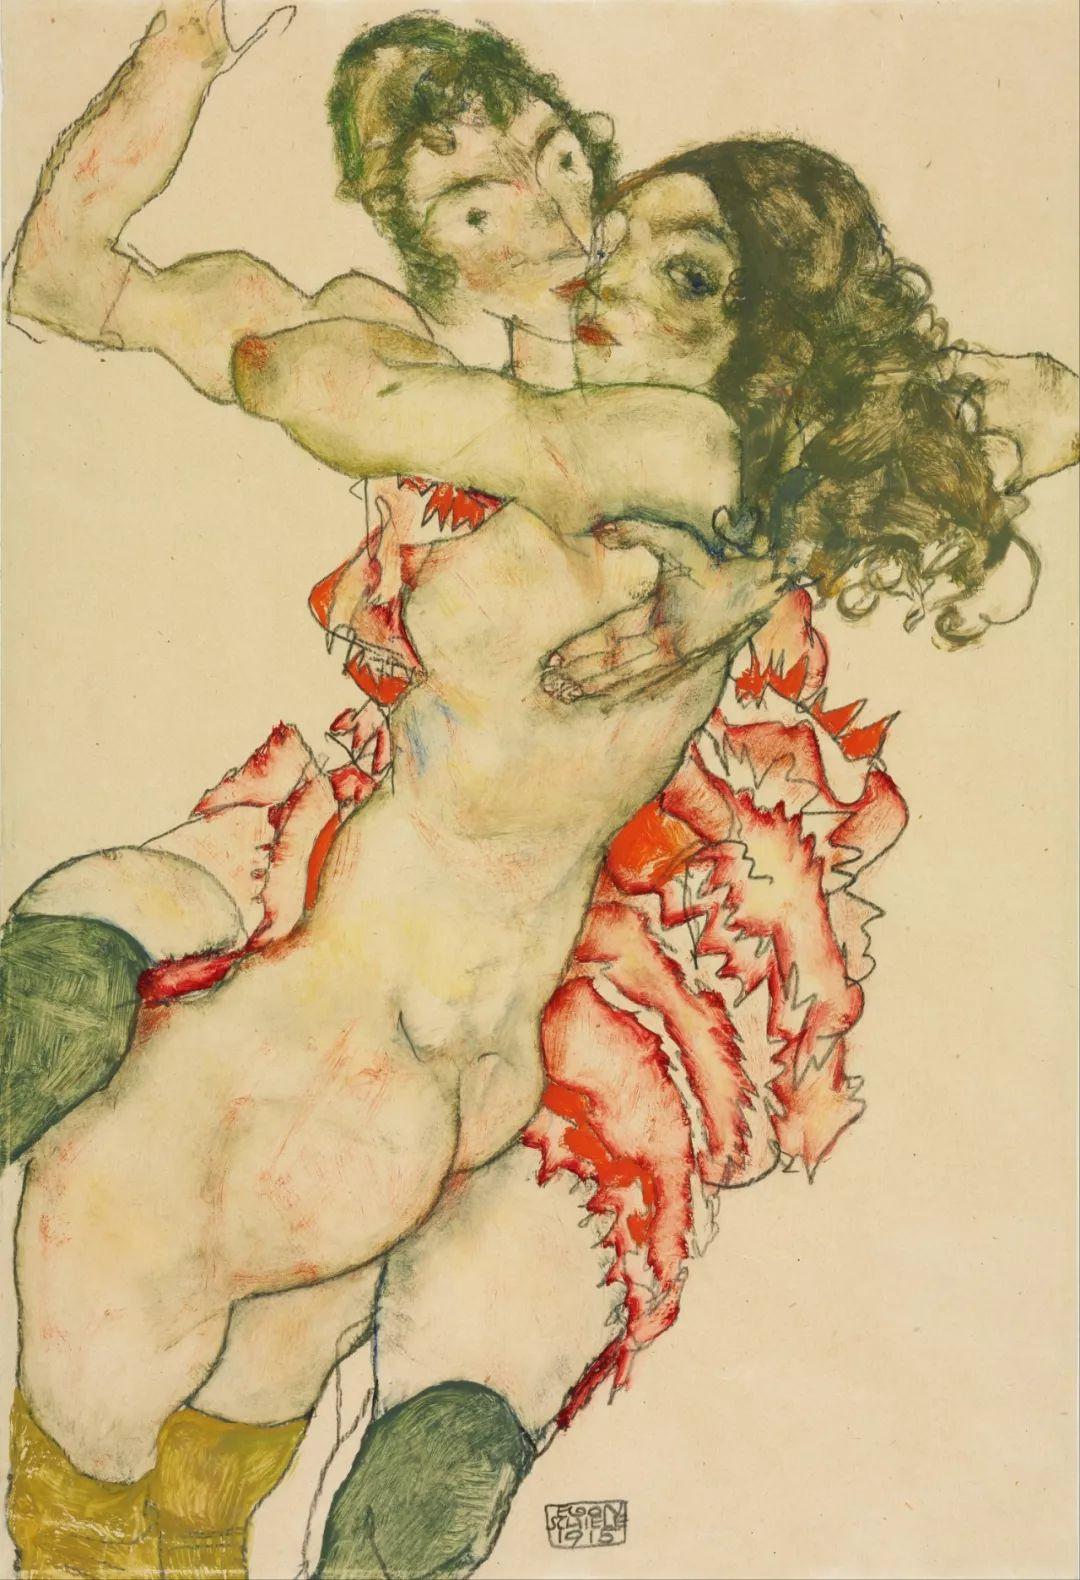 年仅28岁,生前遭受非议,死后却被捧为直逼心灵的艺术家插图107